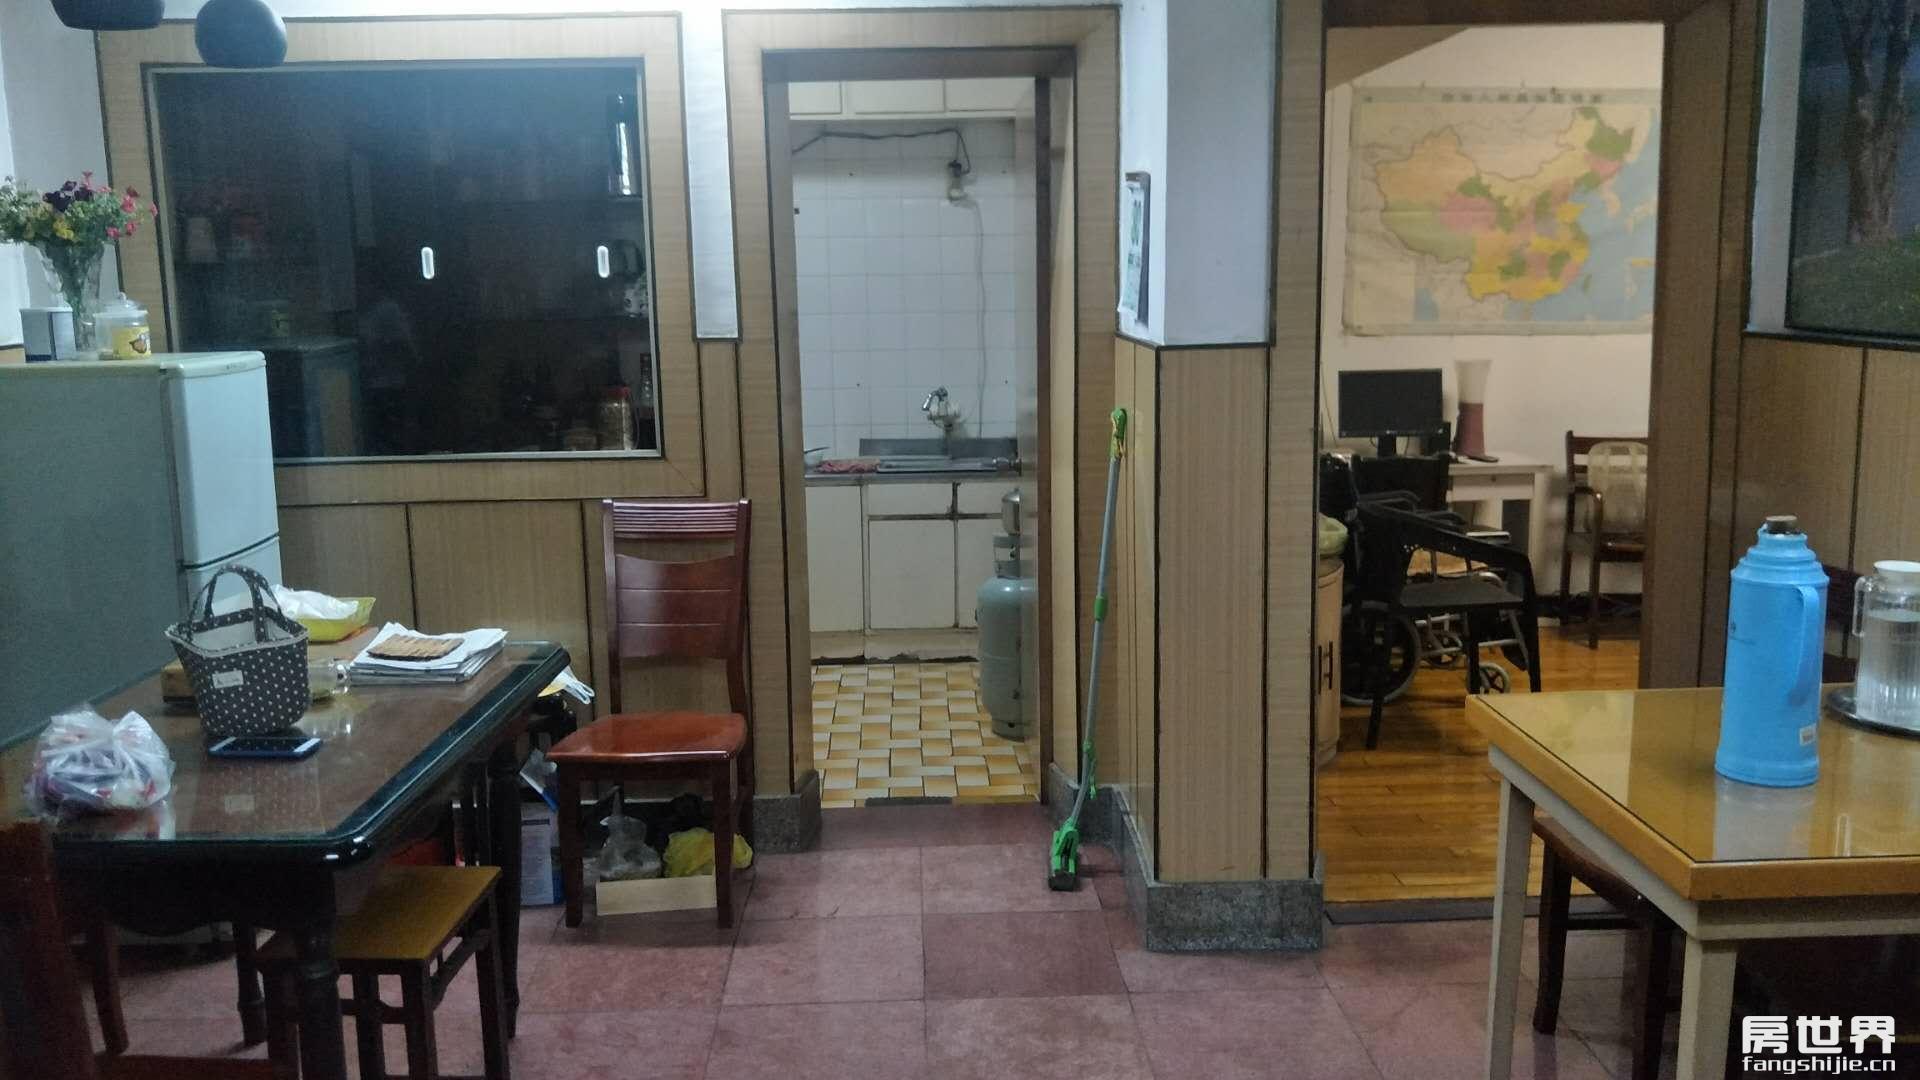 湘师附小、高桥初中学区房、满5年无双税,买进就可报名。